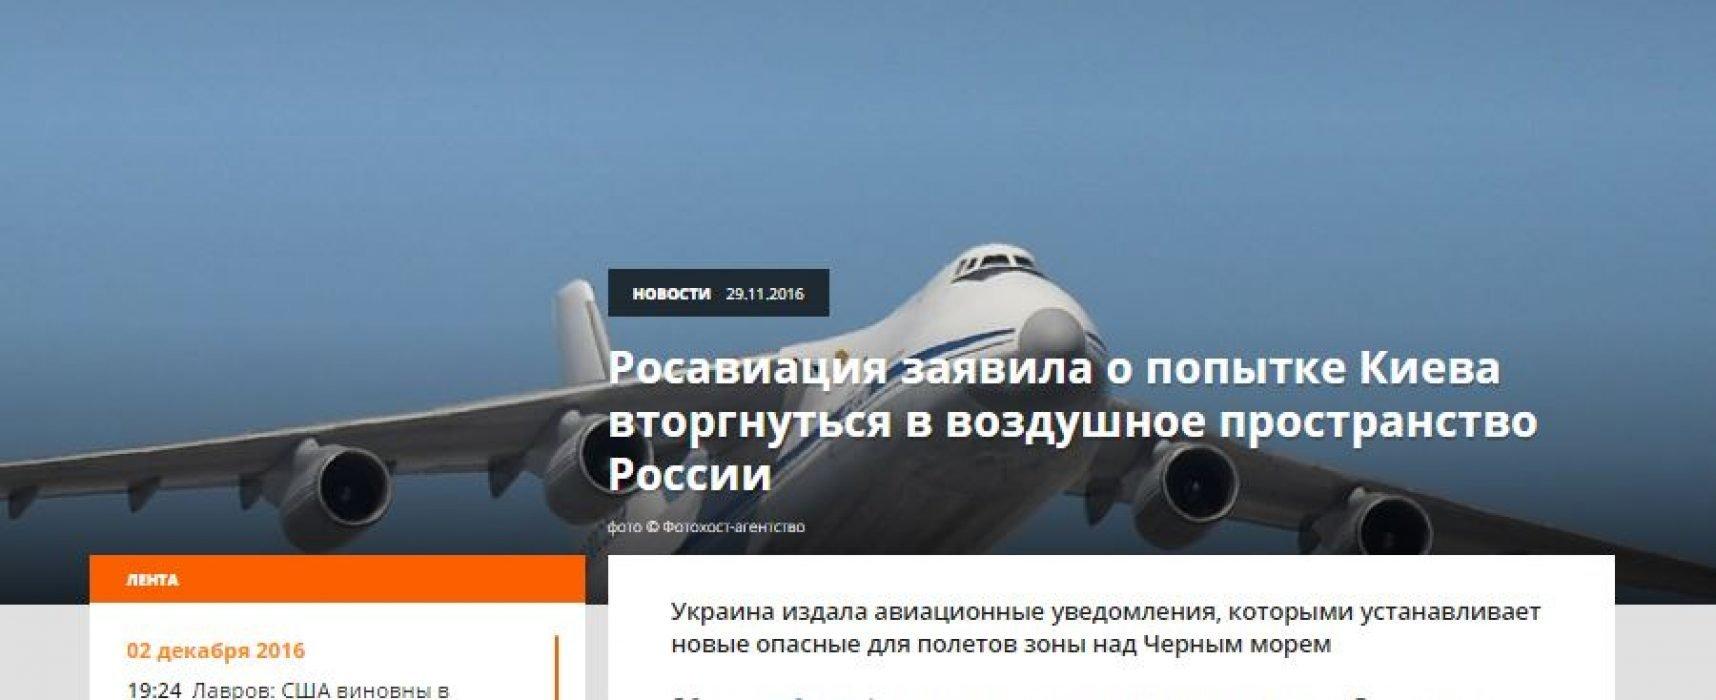 Falso: Ucrania se prepara para lanzar misiles en el espacio aéreo ruso